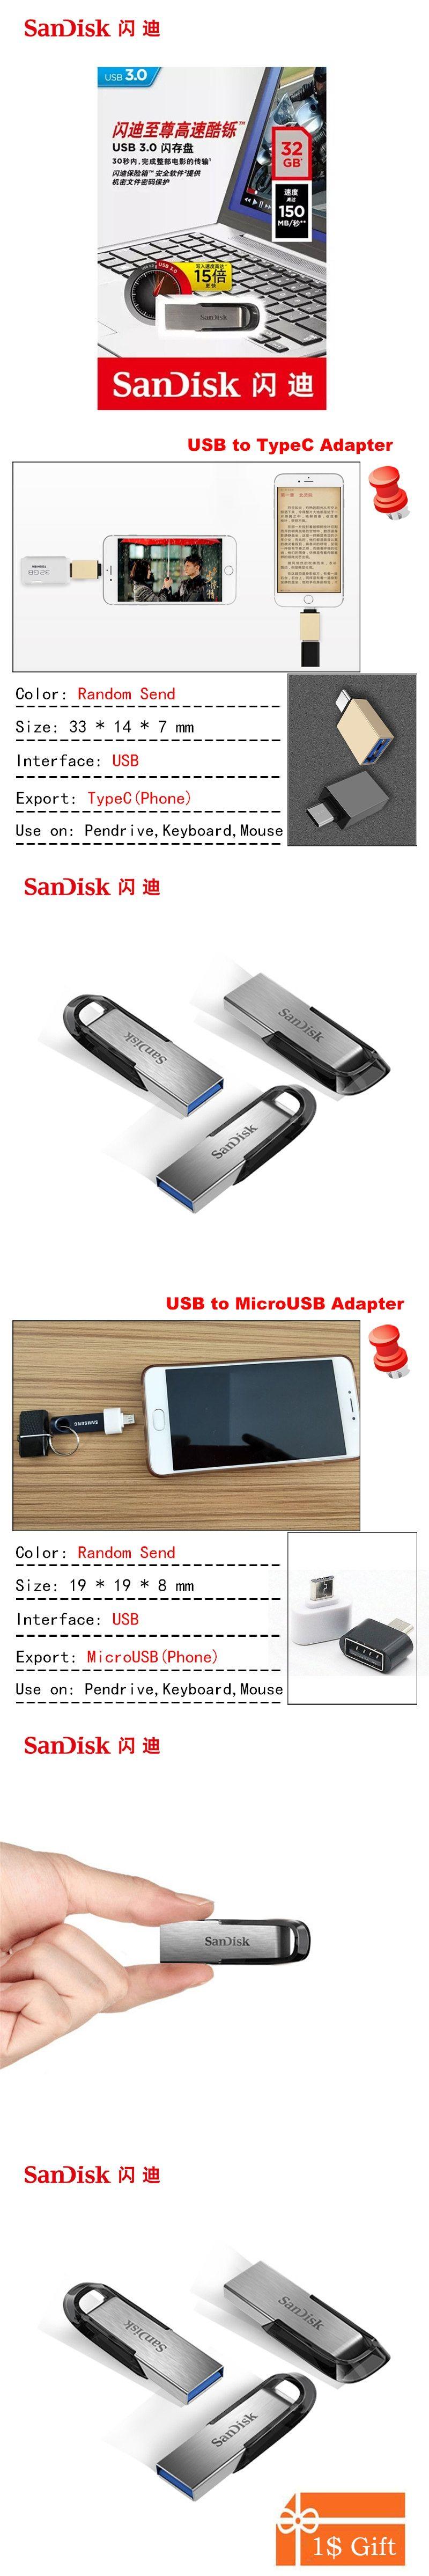 Sandisk Usb 30 Flash Drive 128gb 64gb 32gb 16gb 150mb S Ultra Flair Flashdisk Fit Memory Stick